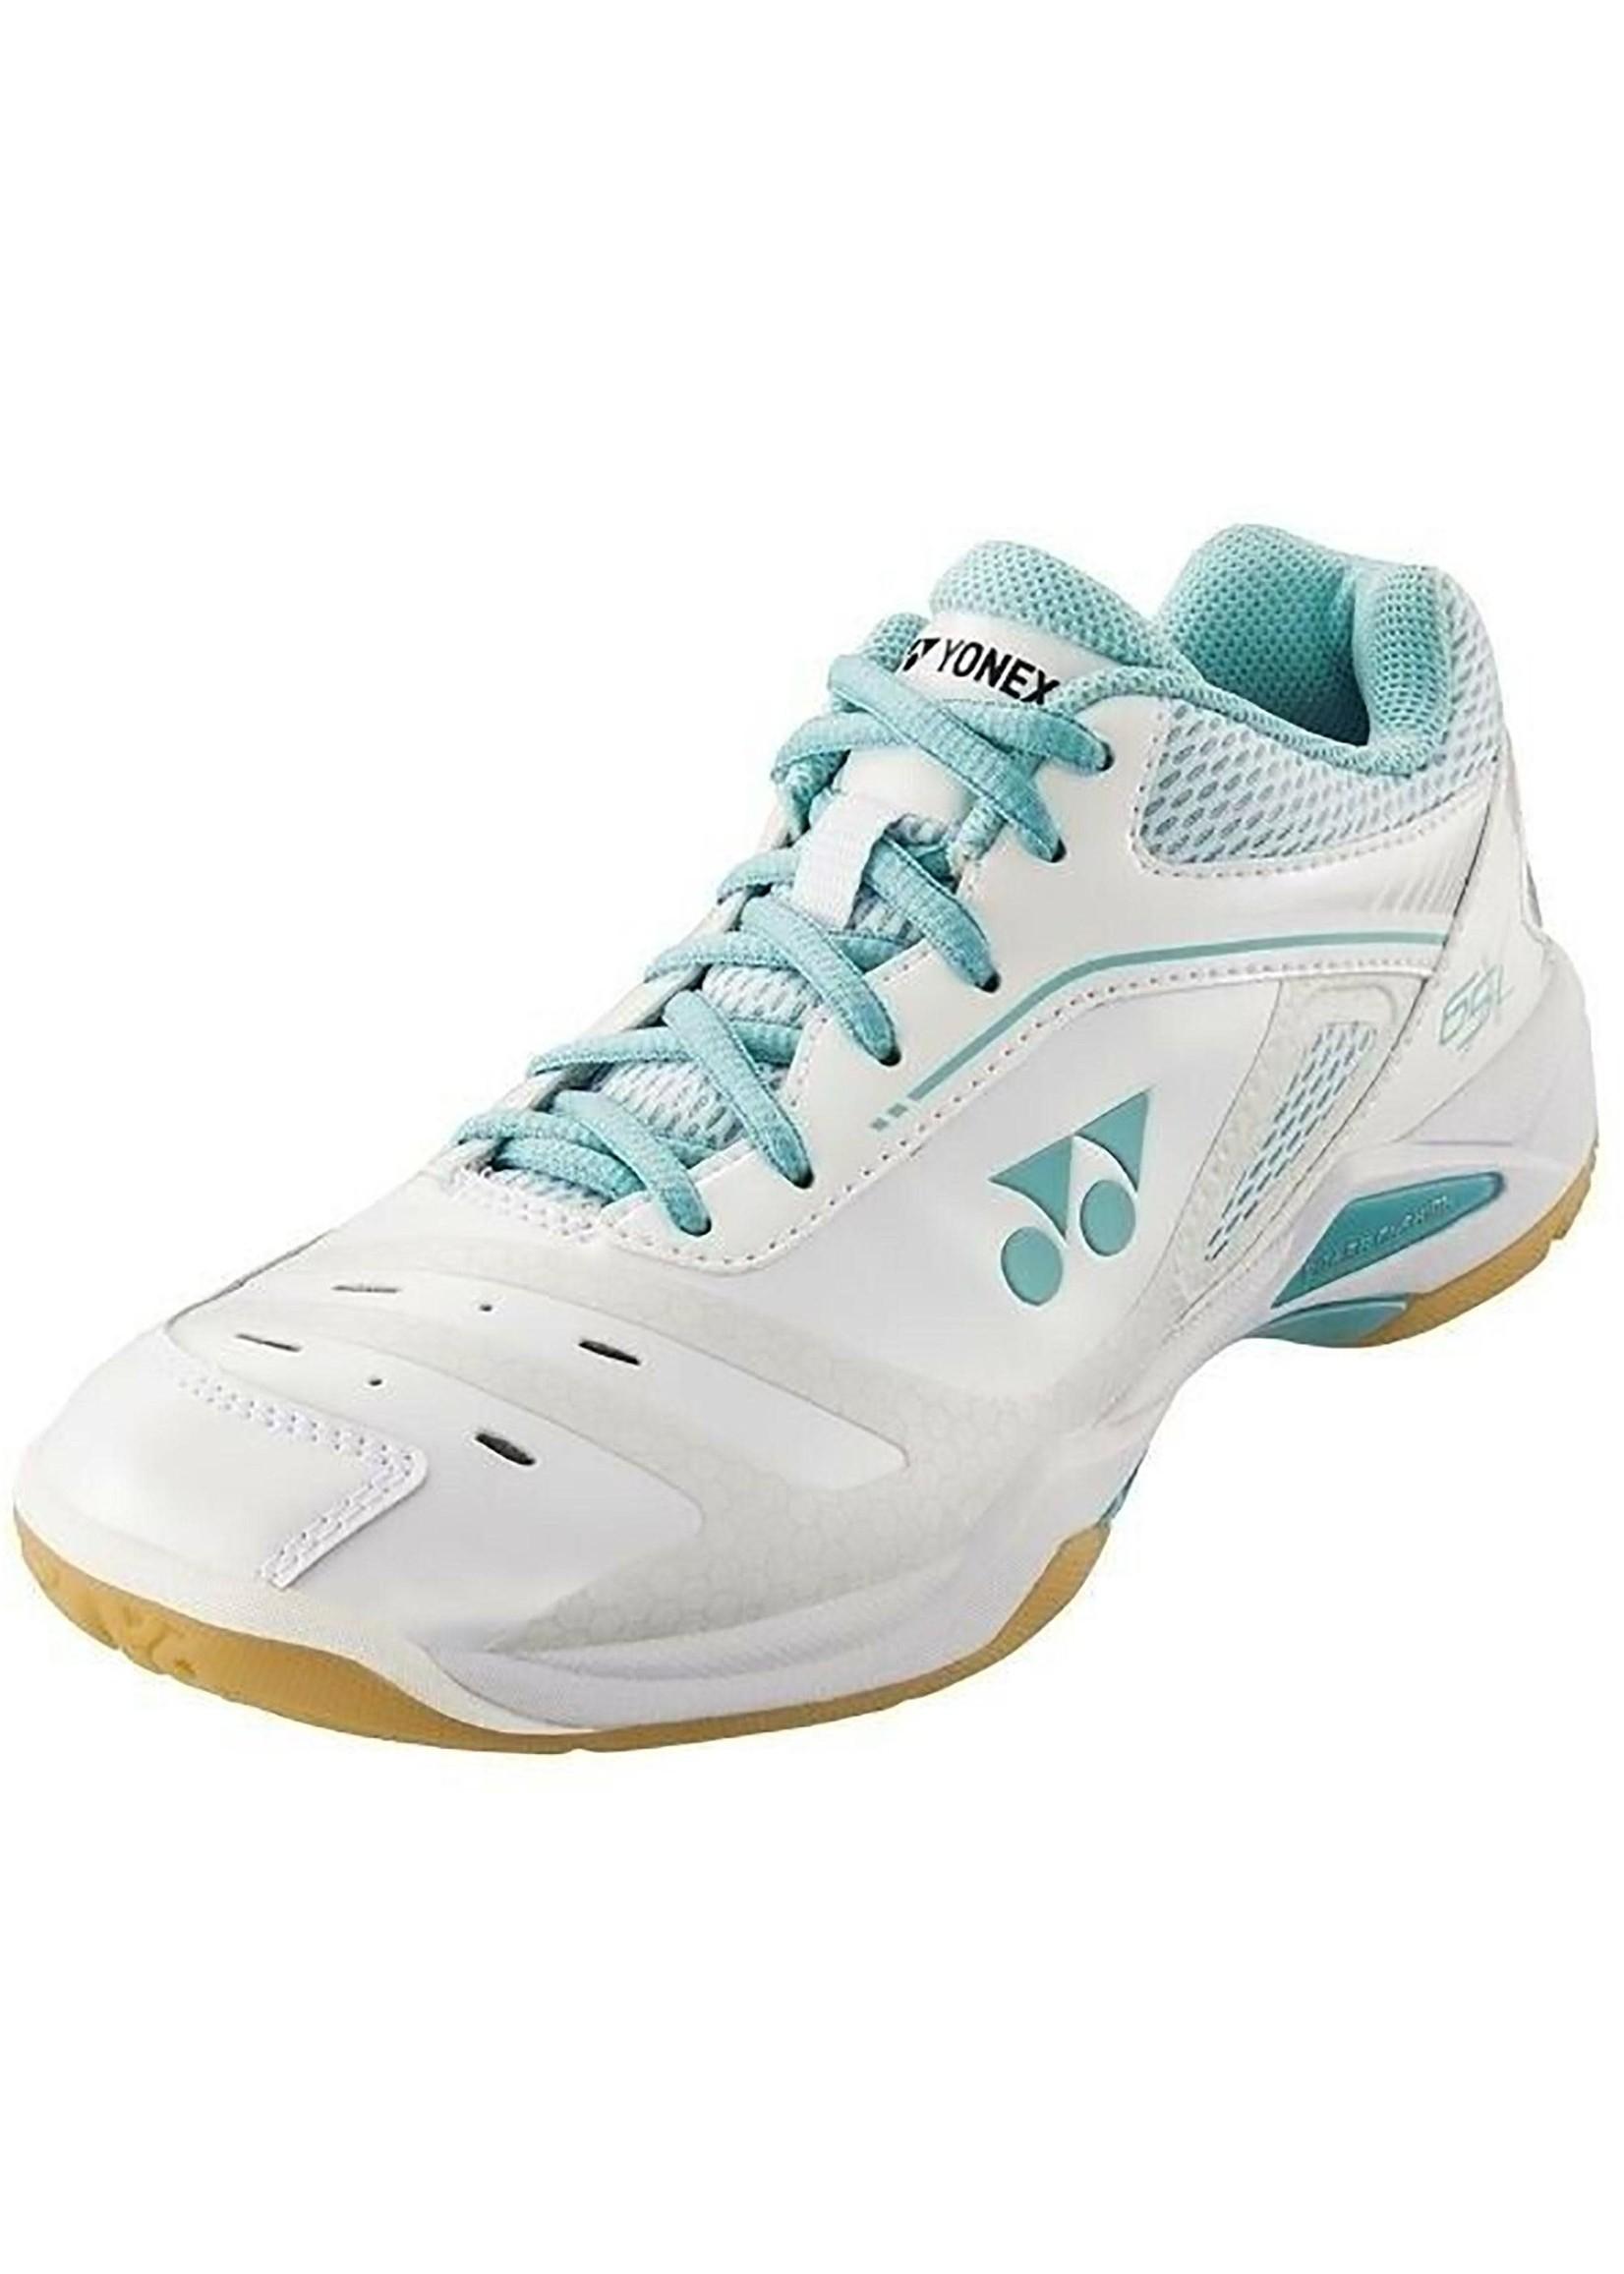 Yonex Yonex Power Cushion 65X Ladies Badminton Shoes (2019) White/Mint 6.5